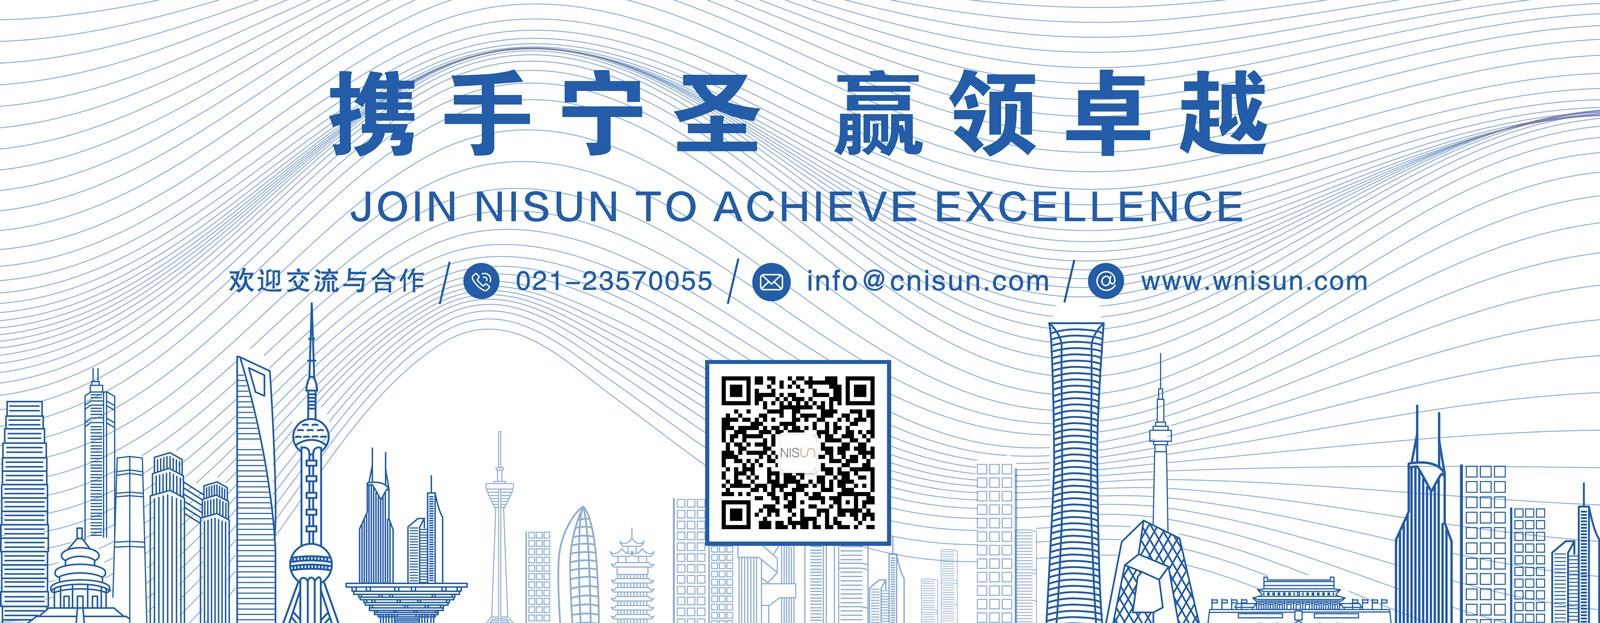 http://www.wnisun.com/nsjt_files/ueditor/upload/image/20190731/1564544234828044837.jpg